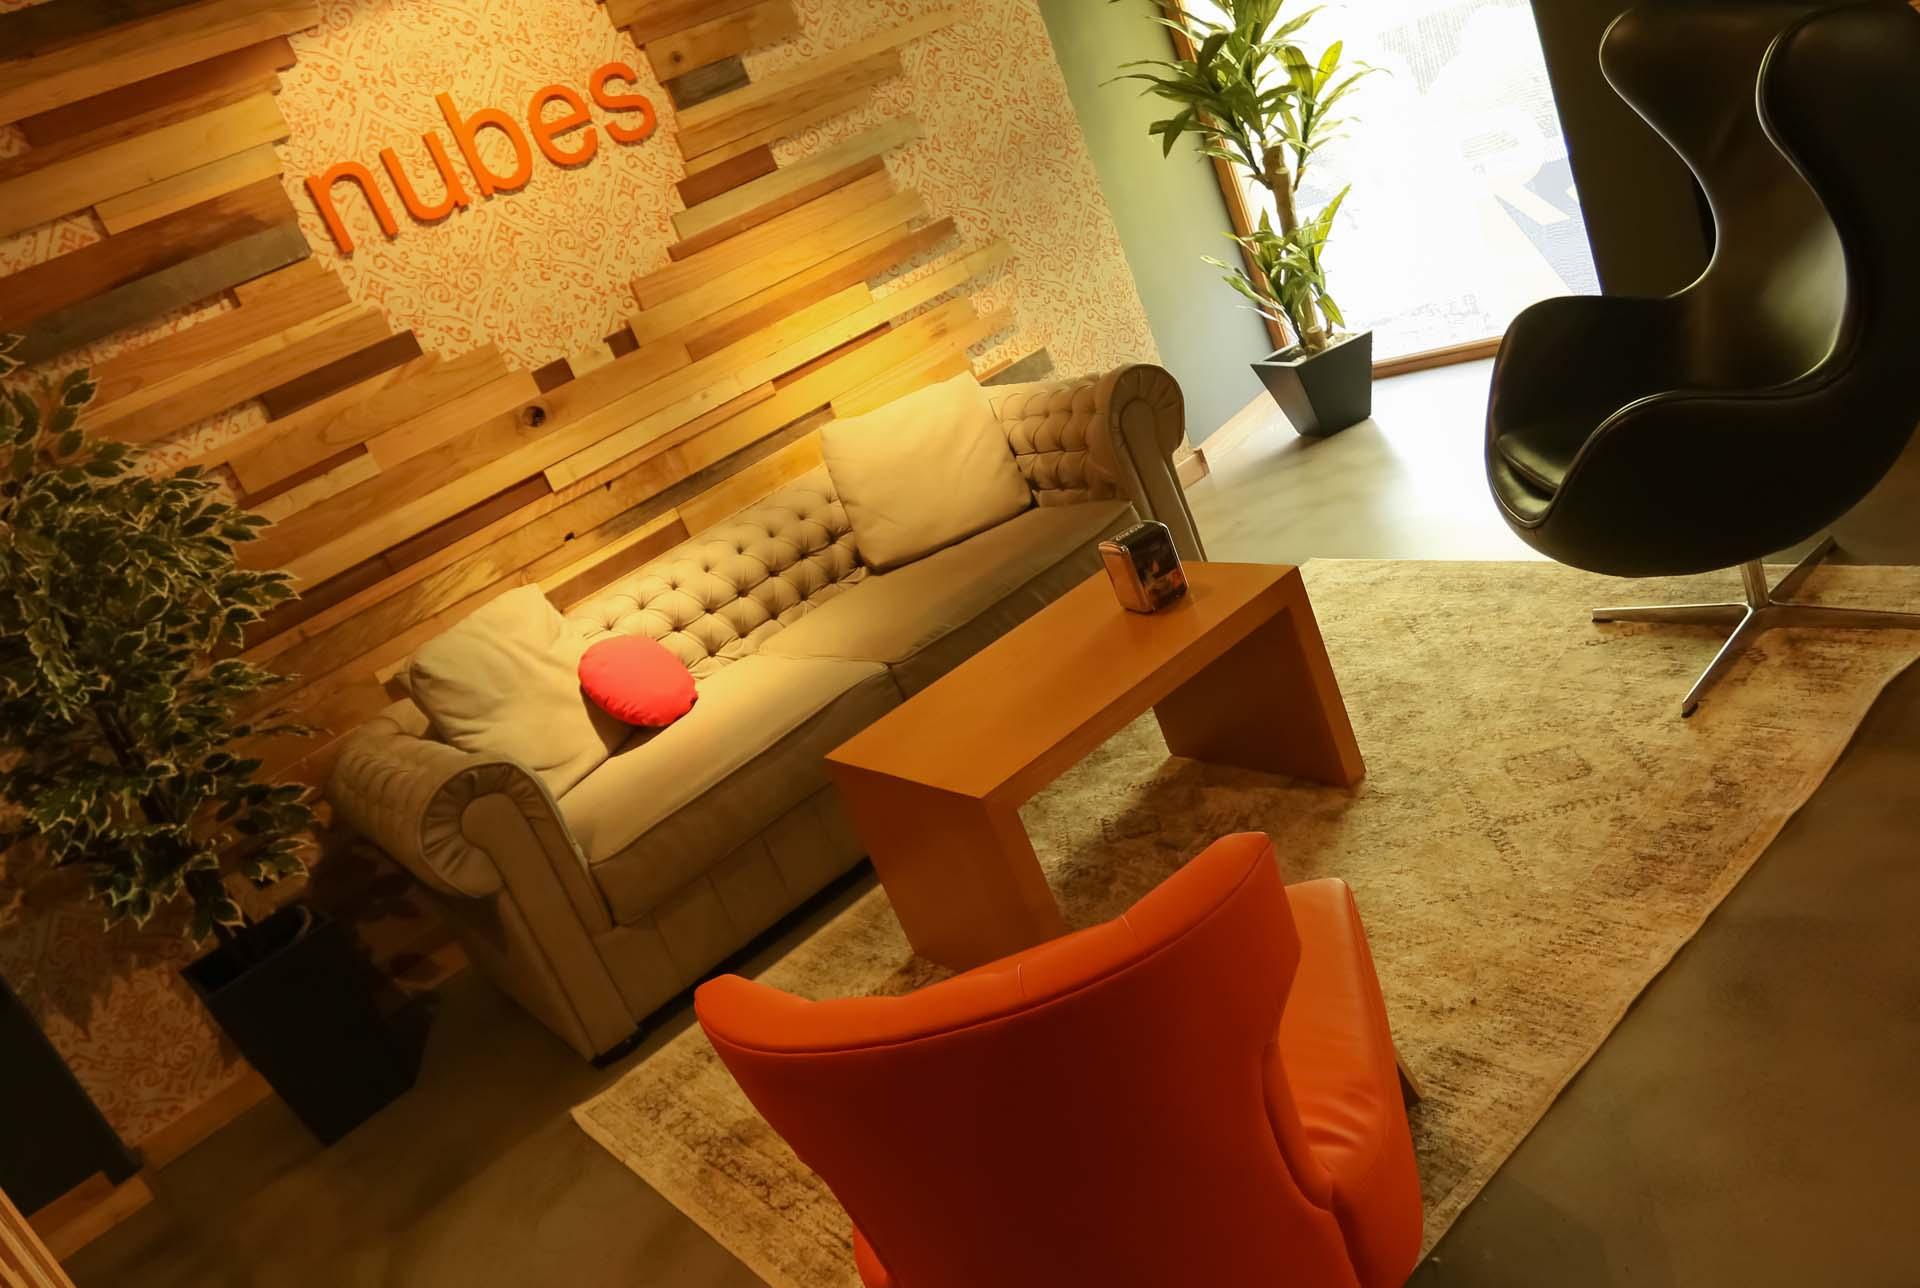 nubes_3